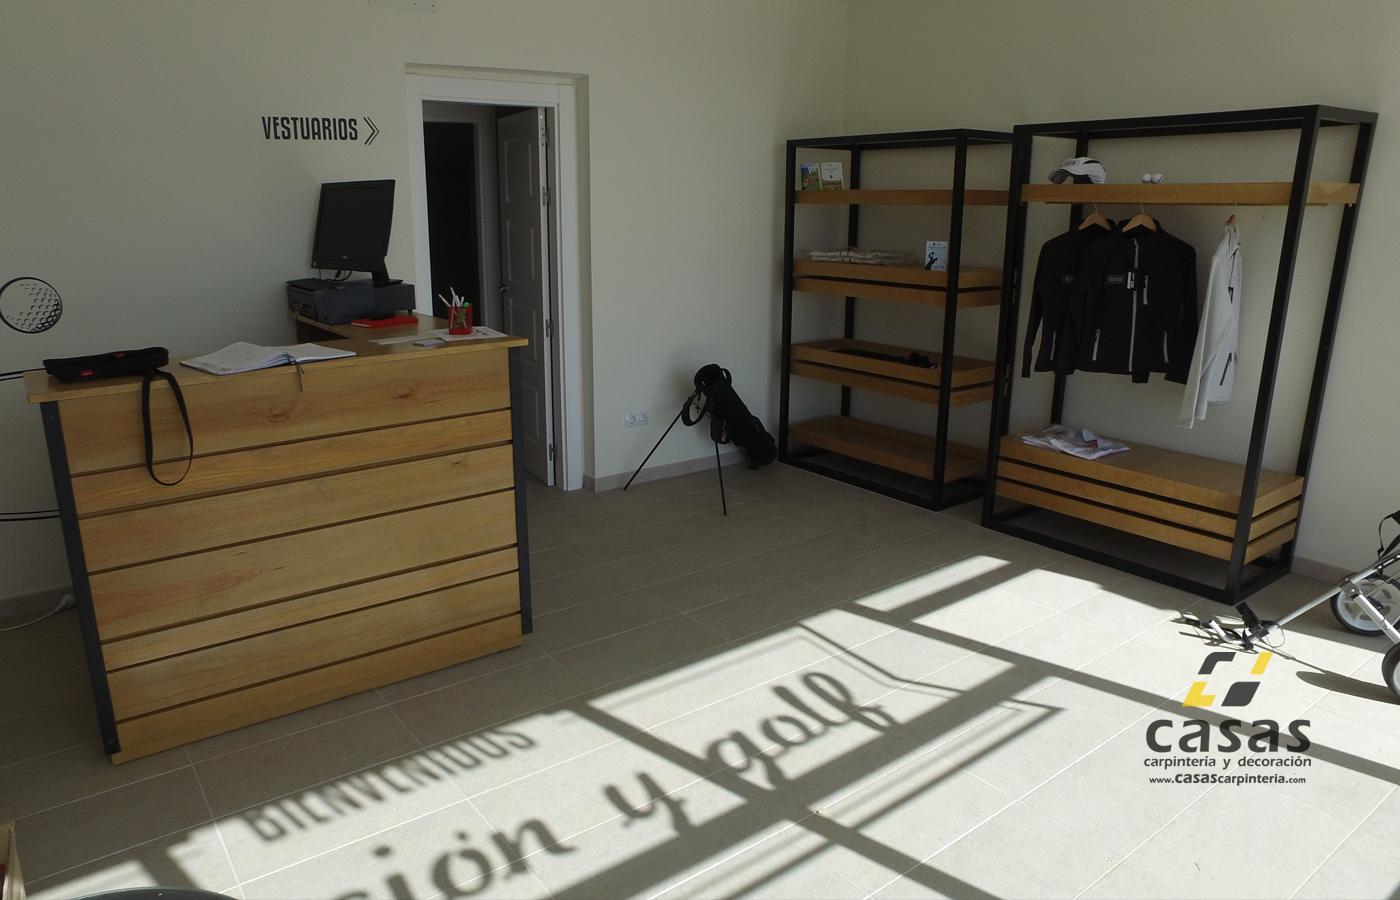 Muebles tienda golf casas carpinteria jpg casas - Carpinteria casas ...